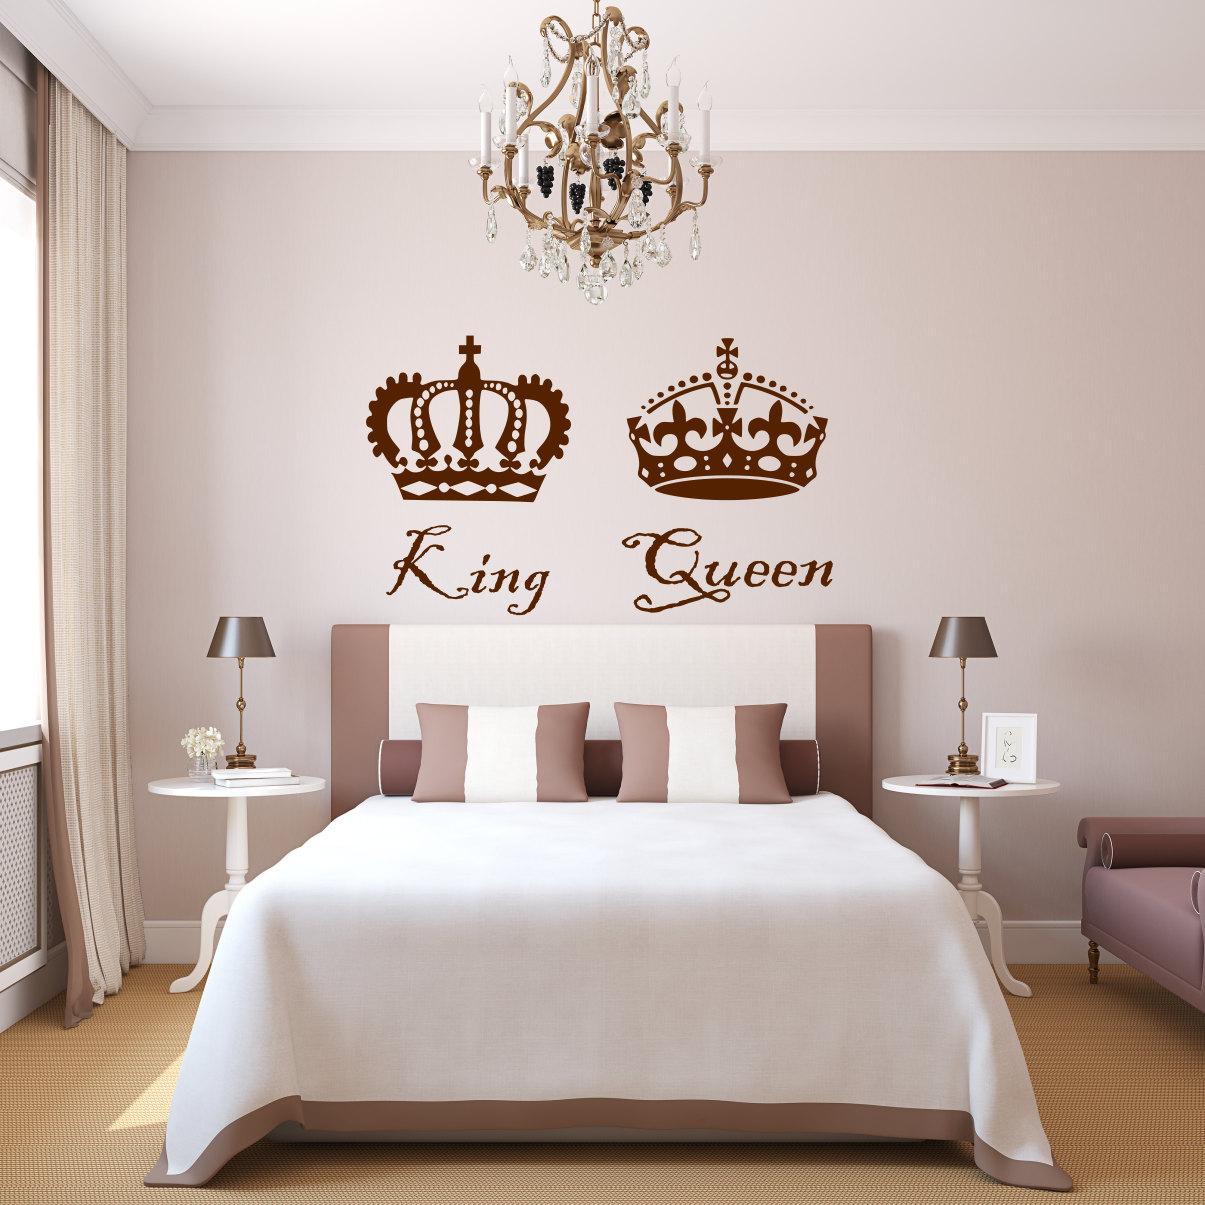 King and queen decal king and queen decor king and queen for 12x16 master bedroom